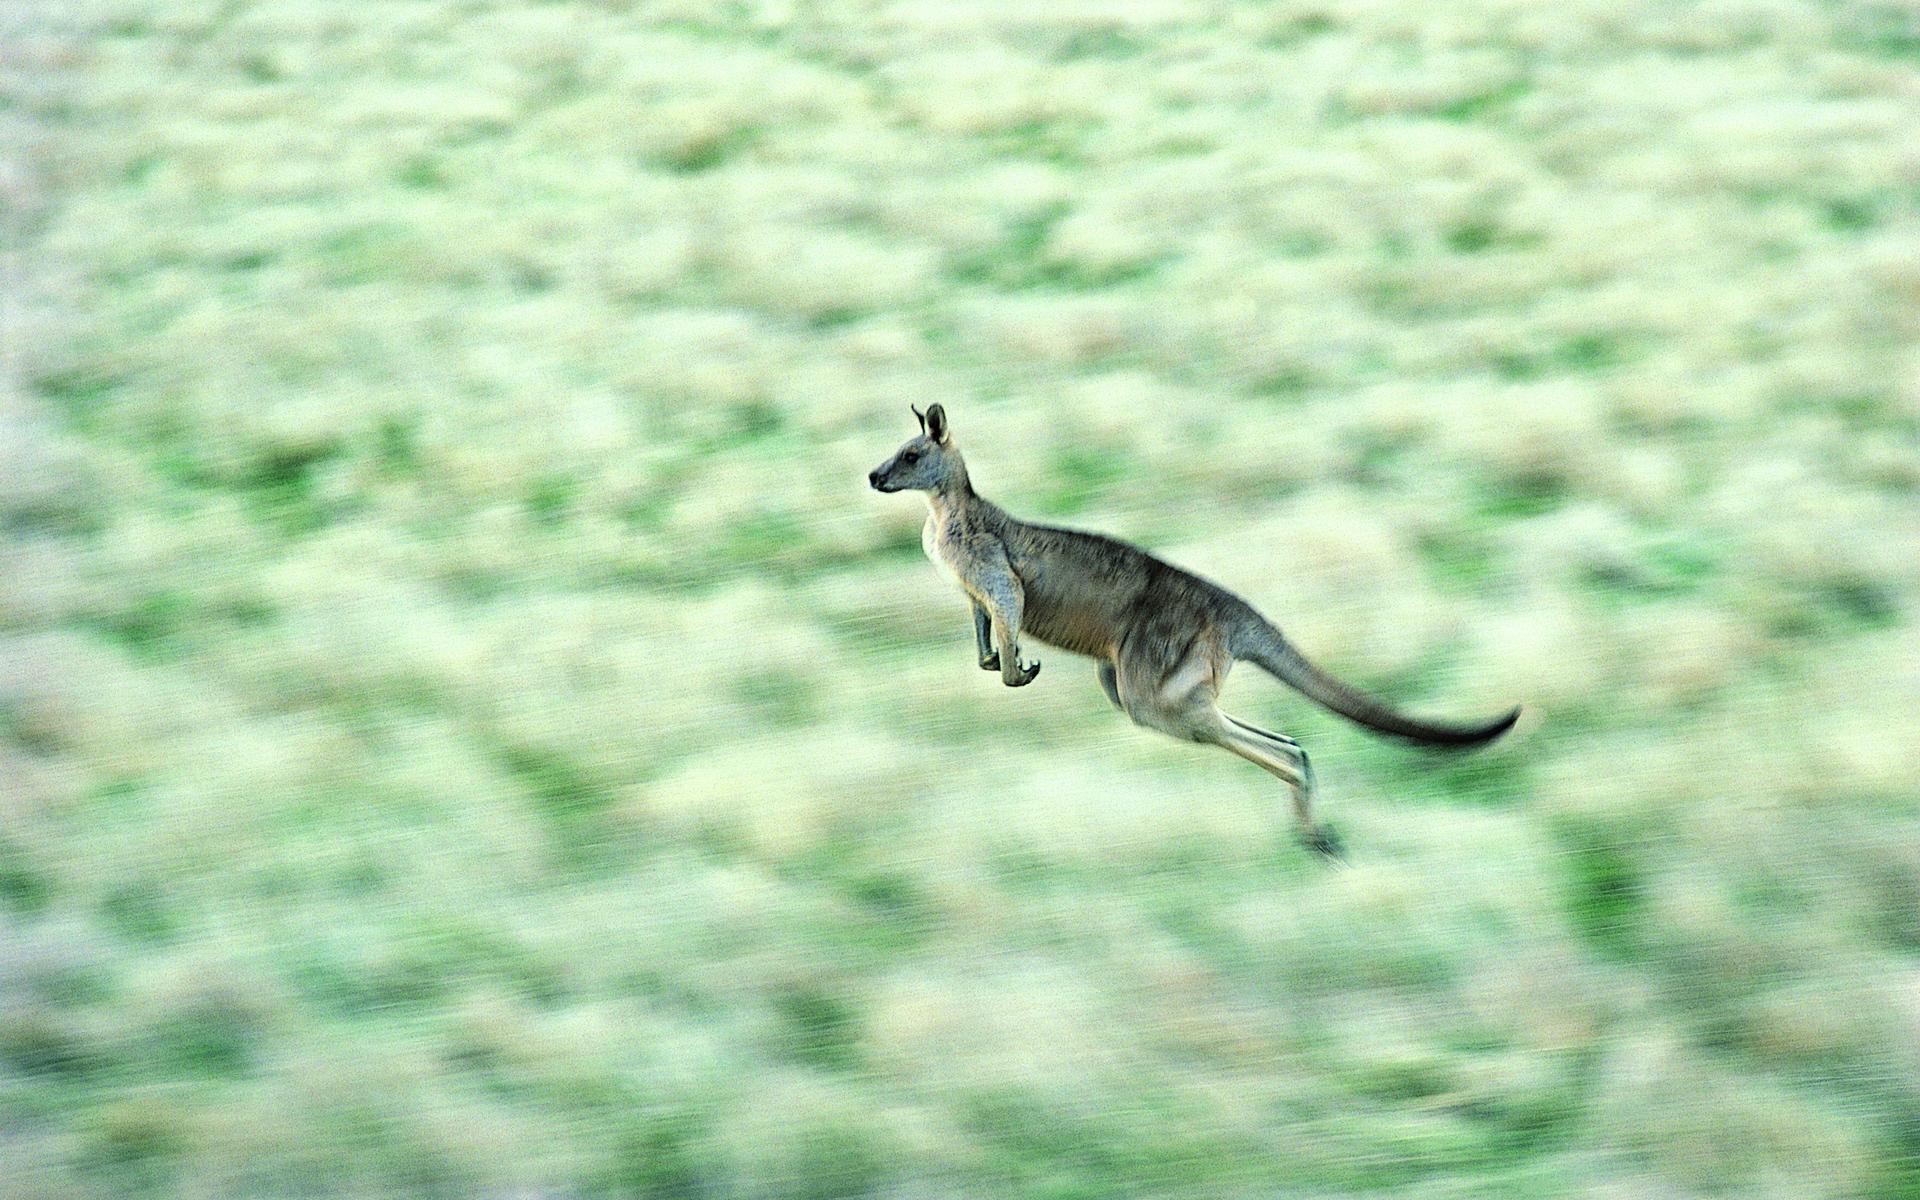 kangaroo wallpaper download